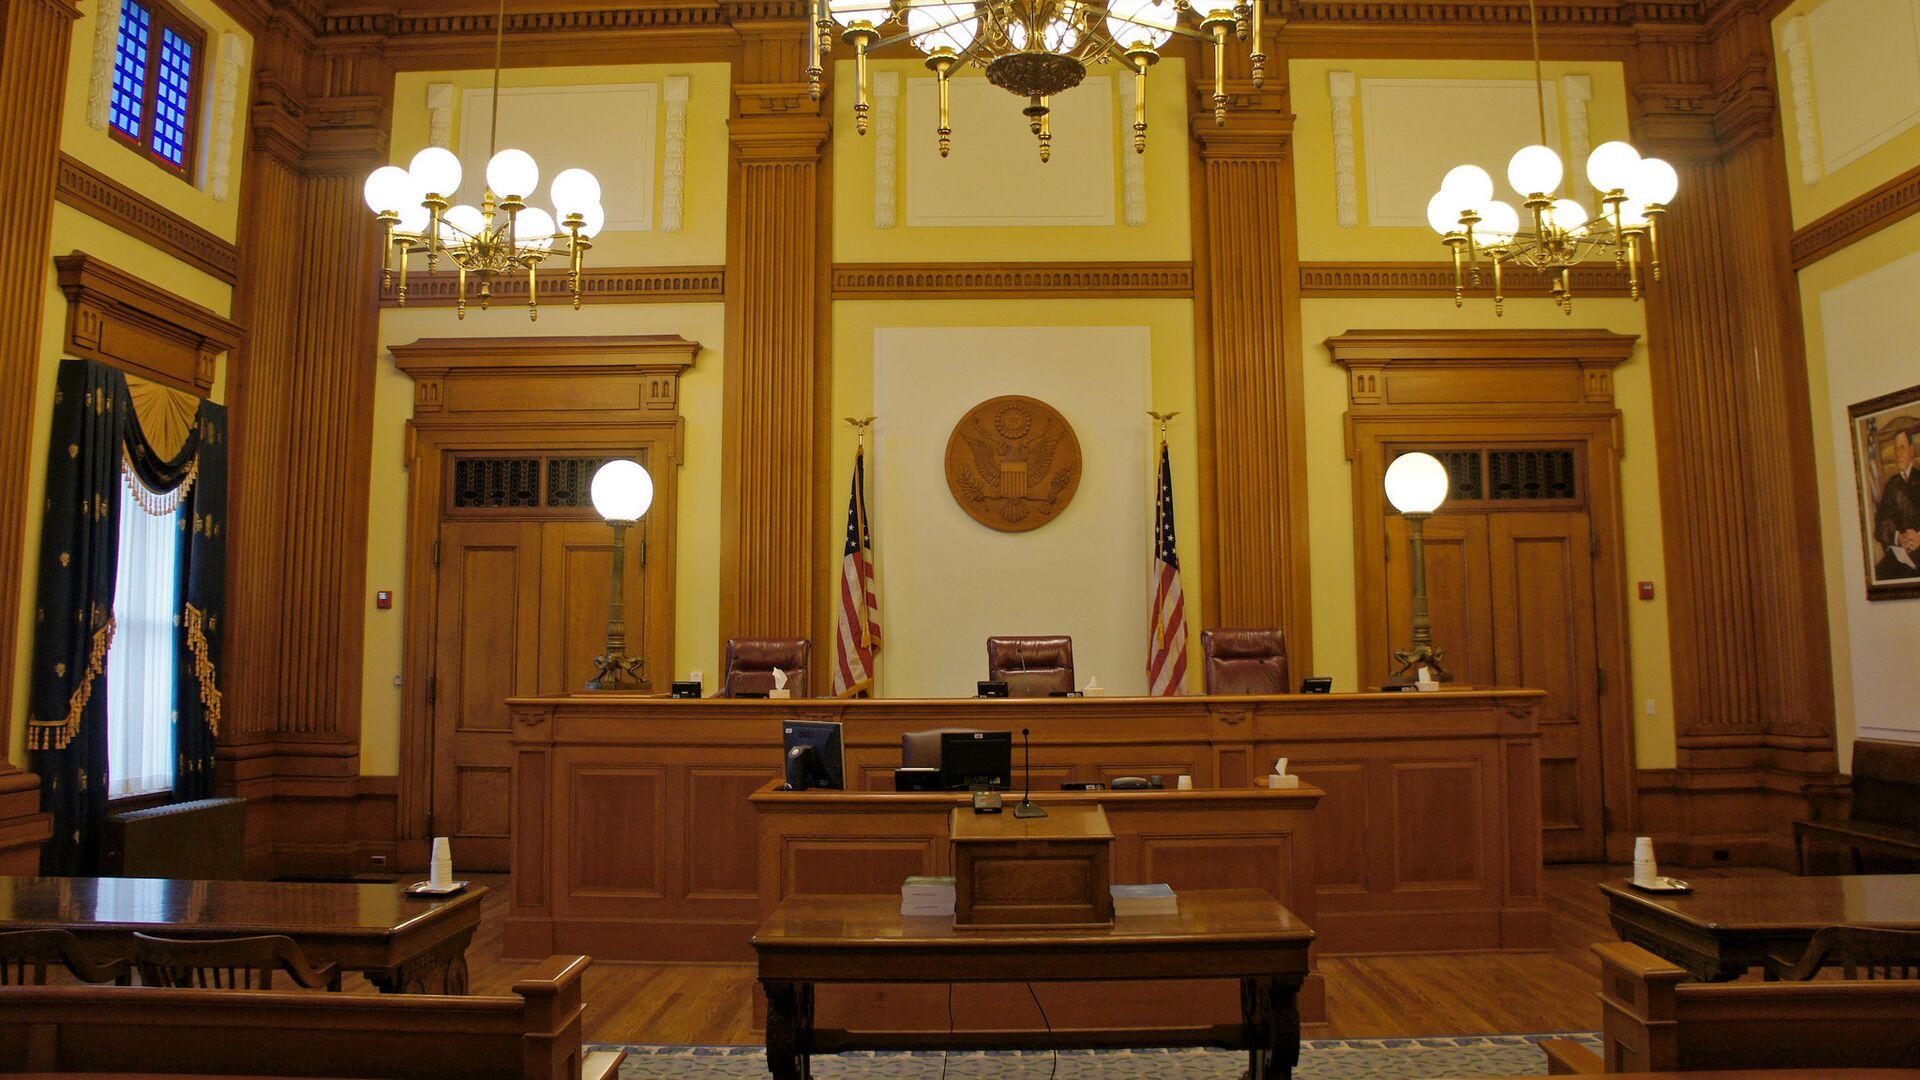 Зал судебных заседаний в Портленде, США - РИА Новости, 1920, 29.05.2021